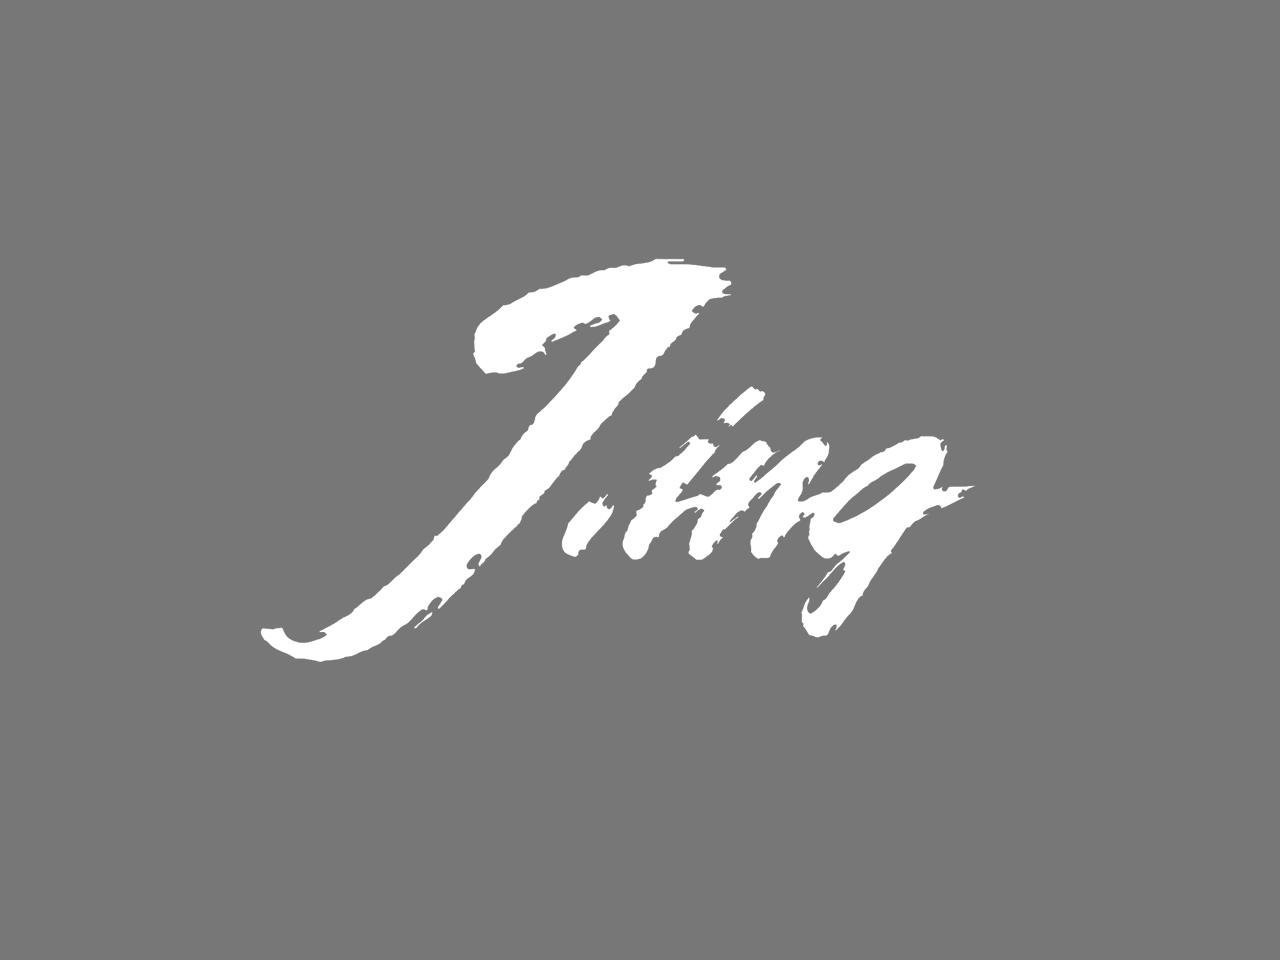 GT-R(R32/R33/R34)のチューニング専門店 ジーイング(jing/j-ing)